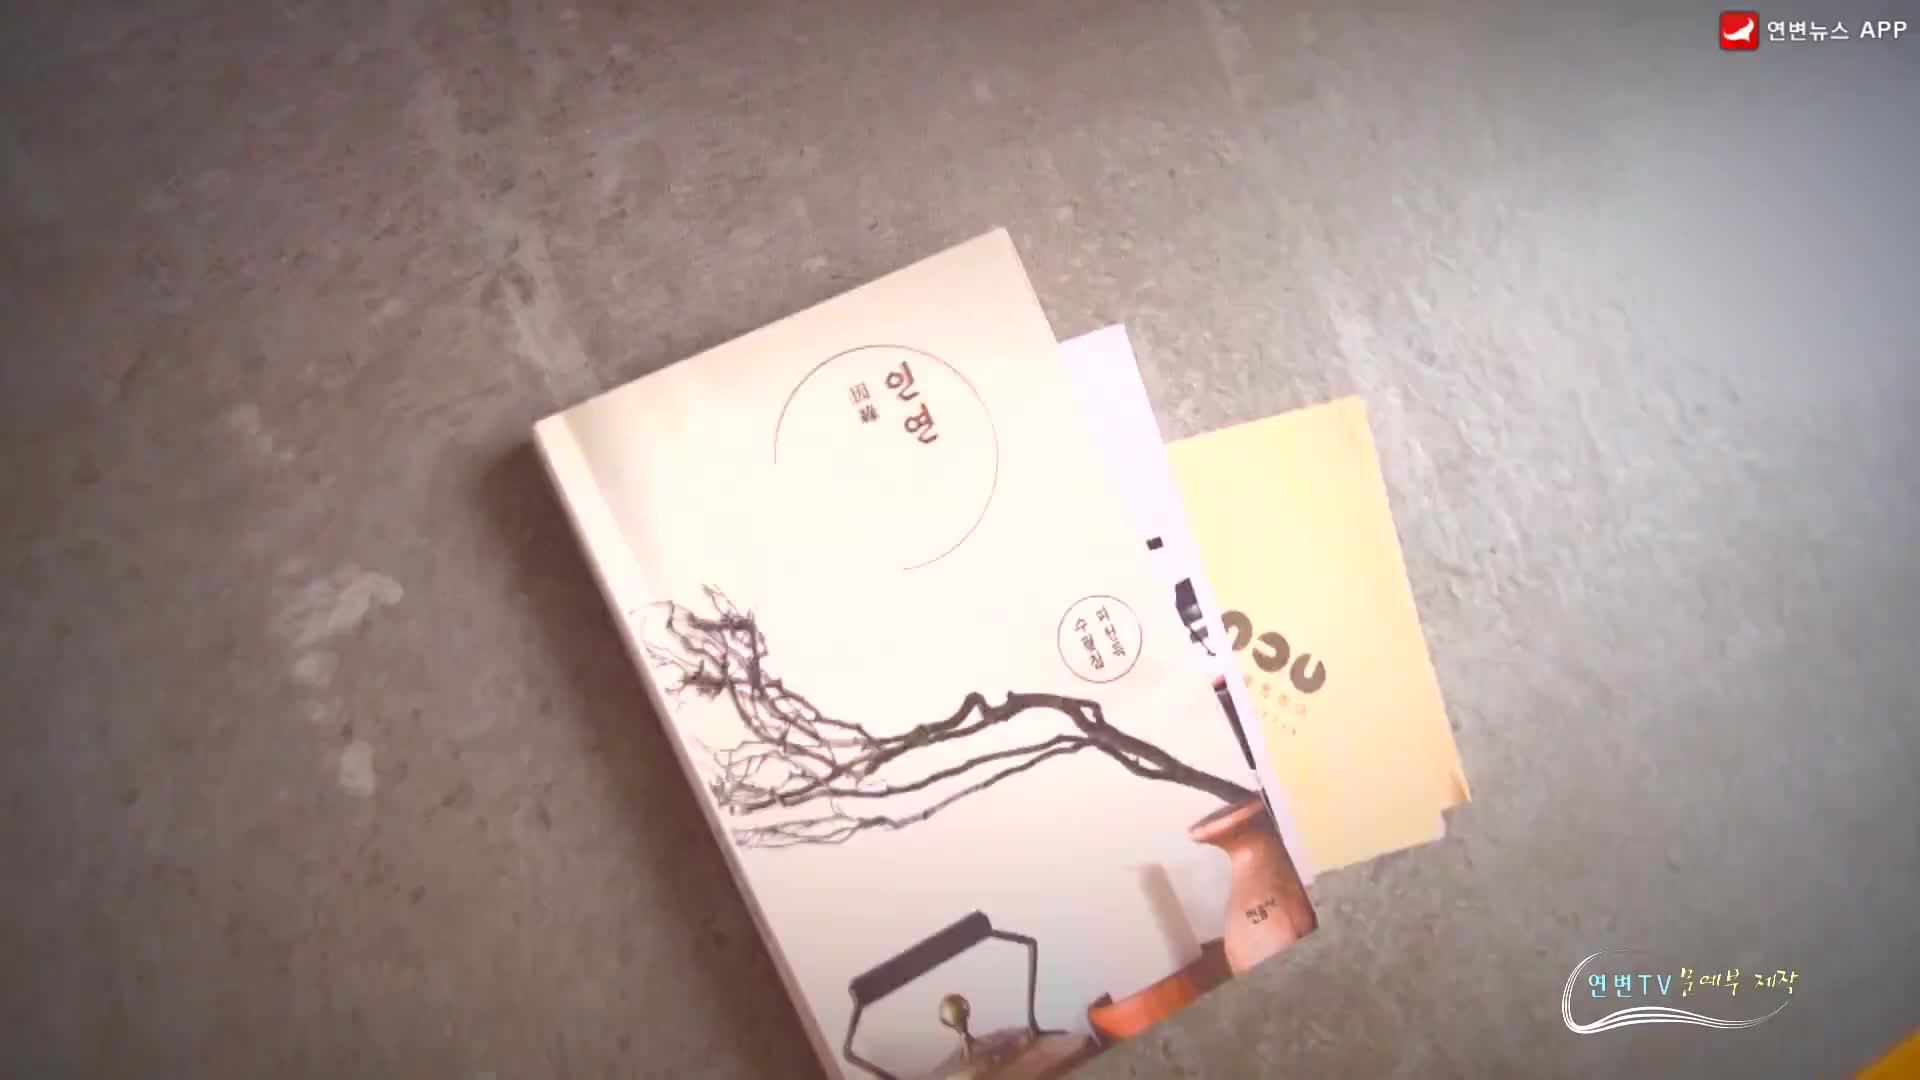 연변TV매주일가 <인연> 작사 김단, 작곡 허설화, 노래 리설련